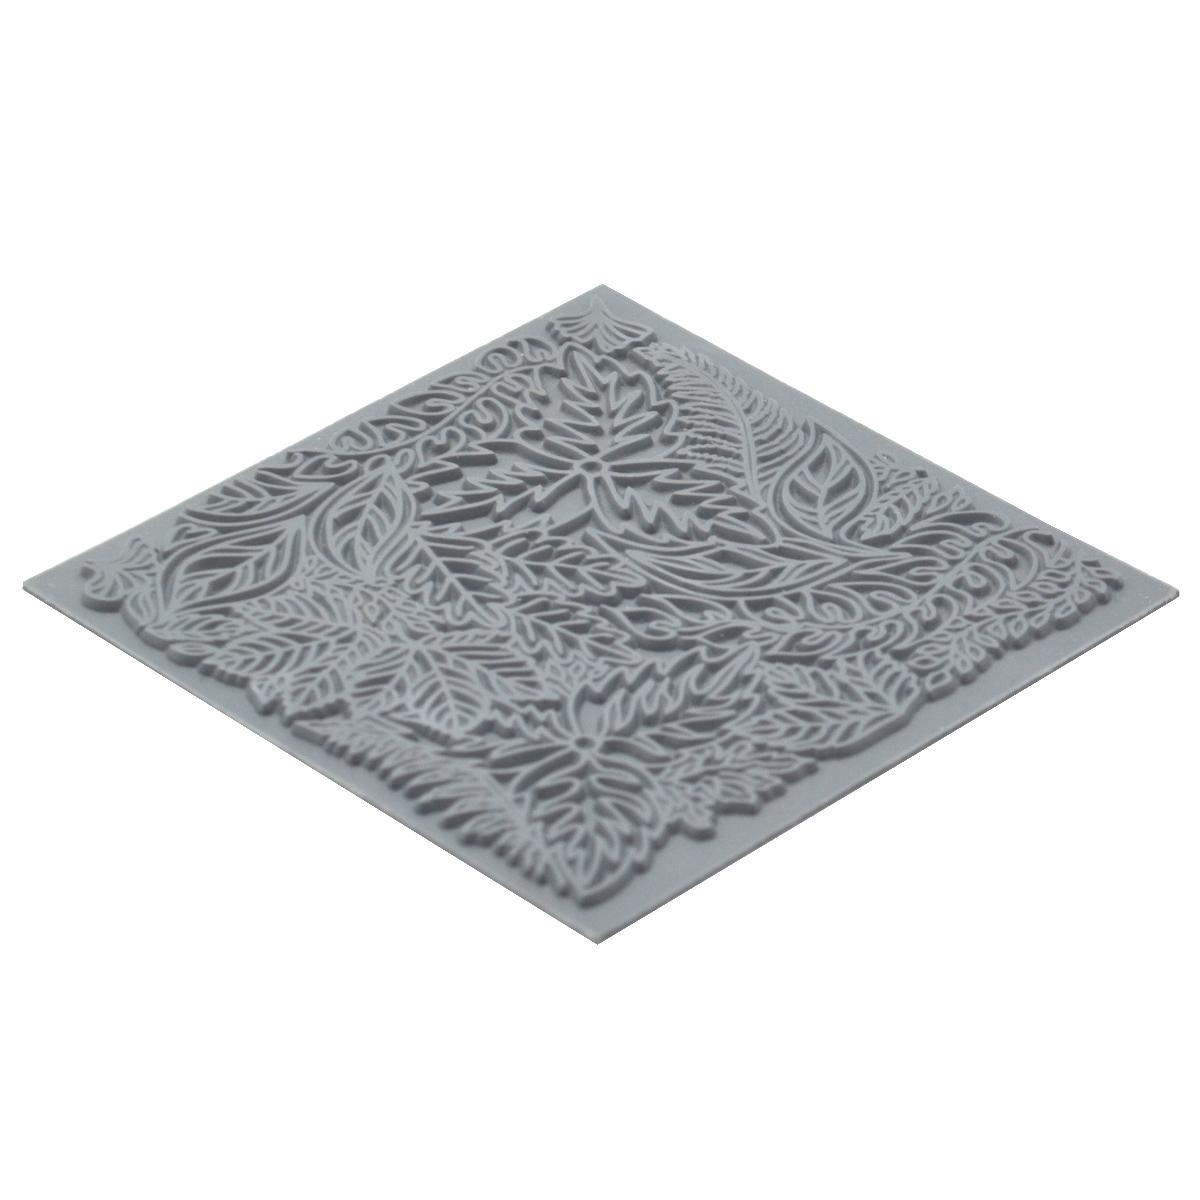 CE95022 Текстура для пластики резиновая 'Листья', 9х9 см. Cernit